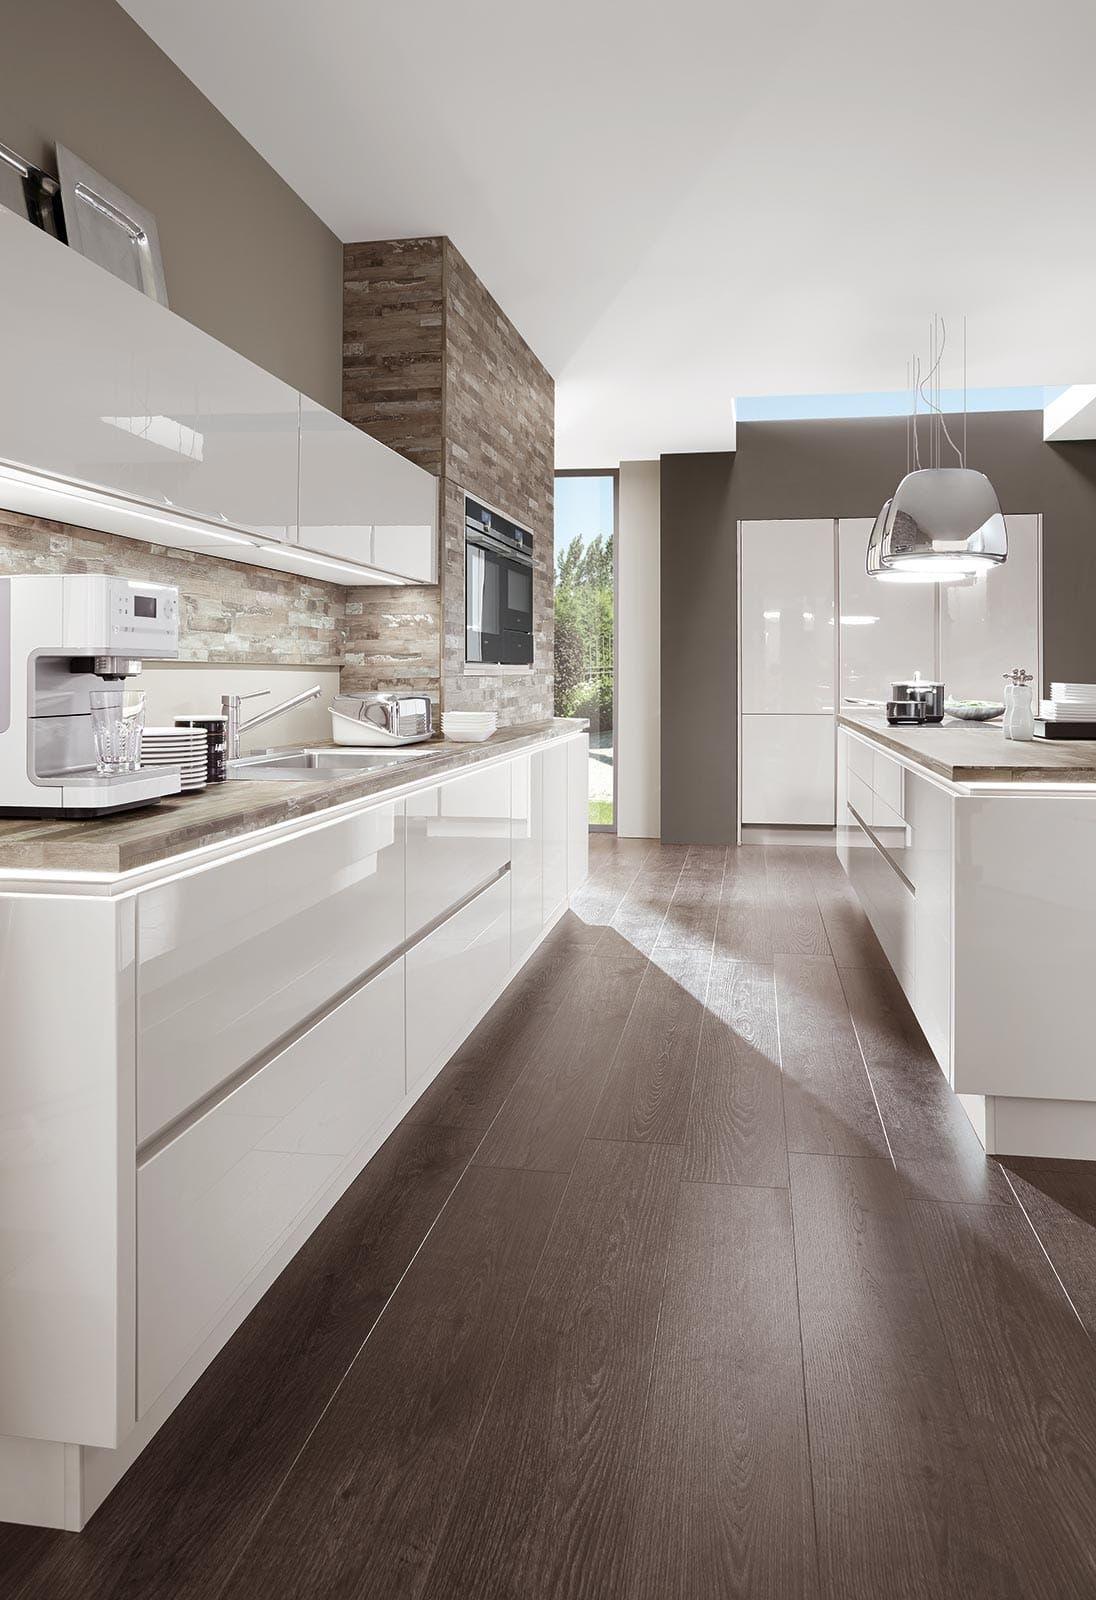 Küchenzeile Küche Hochglanz Weiß Norina 9555 | For my dream future ...